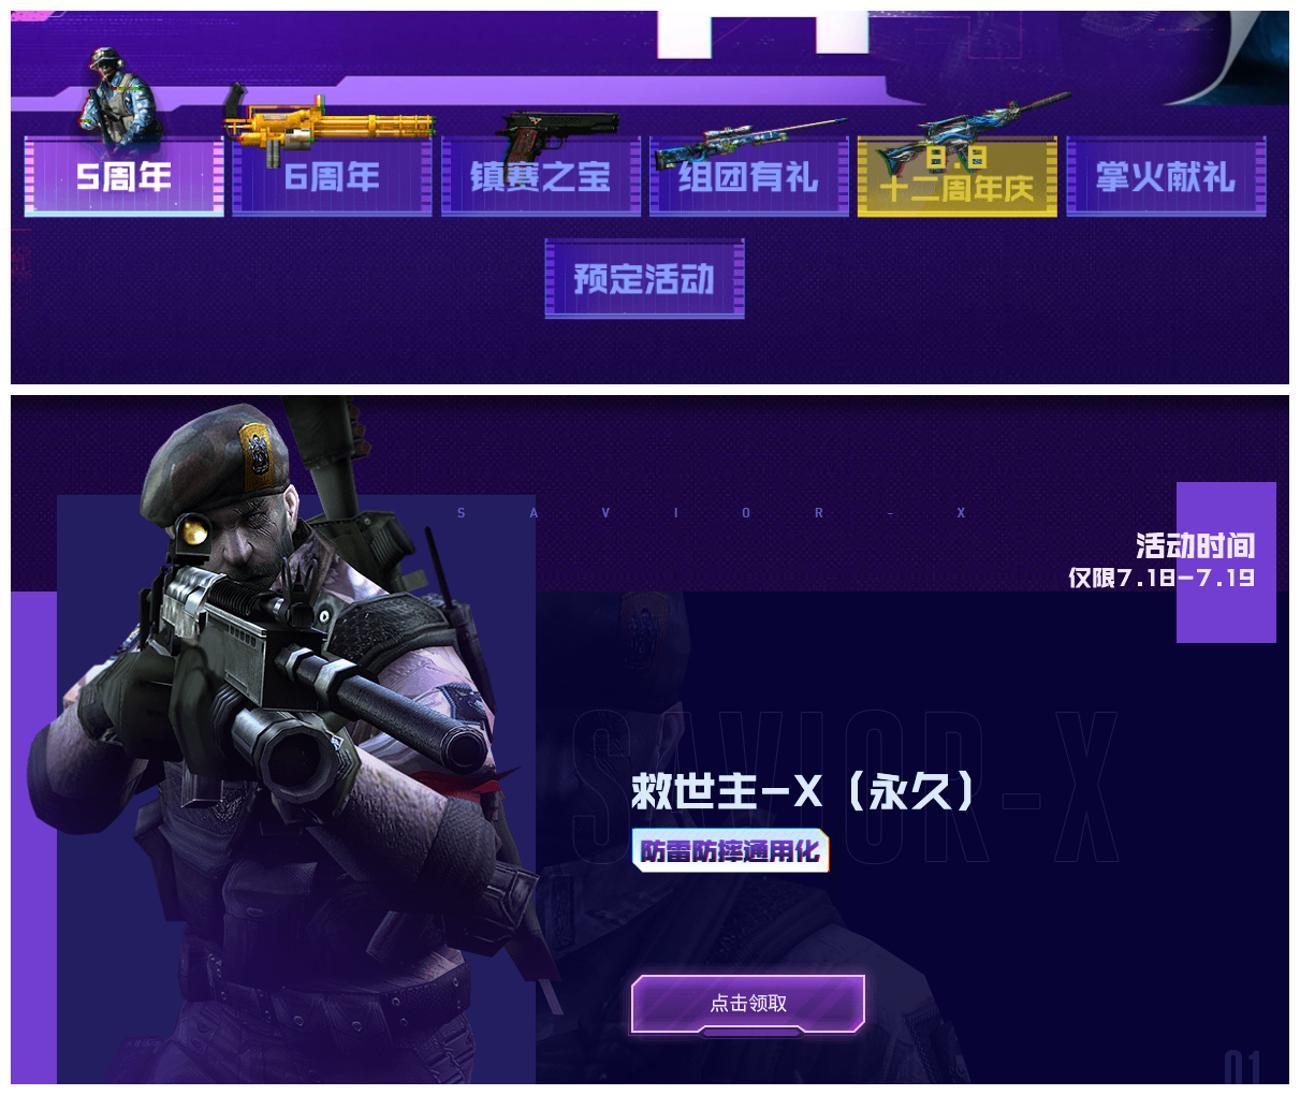 CF端游5周年每日游戏领取永久英雄/源武器等